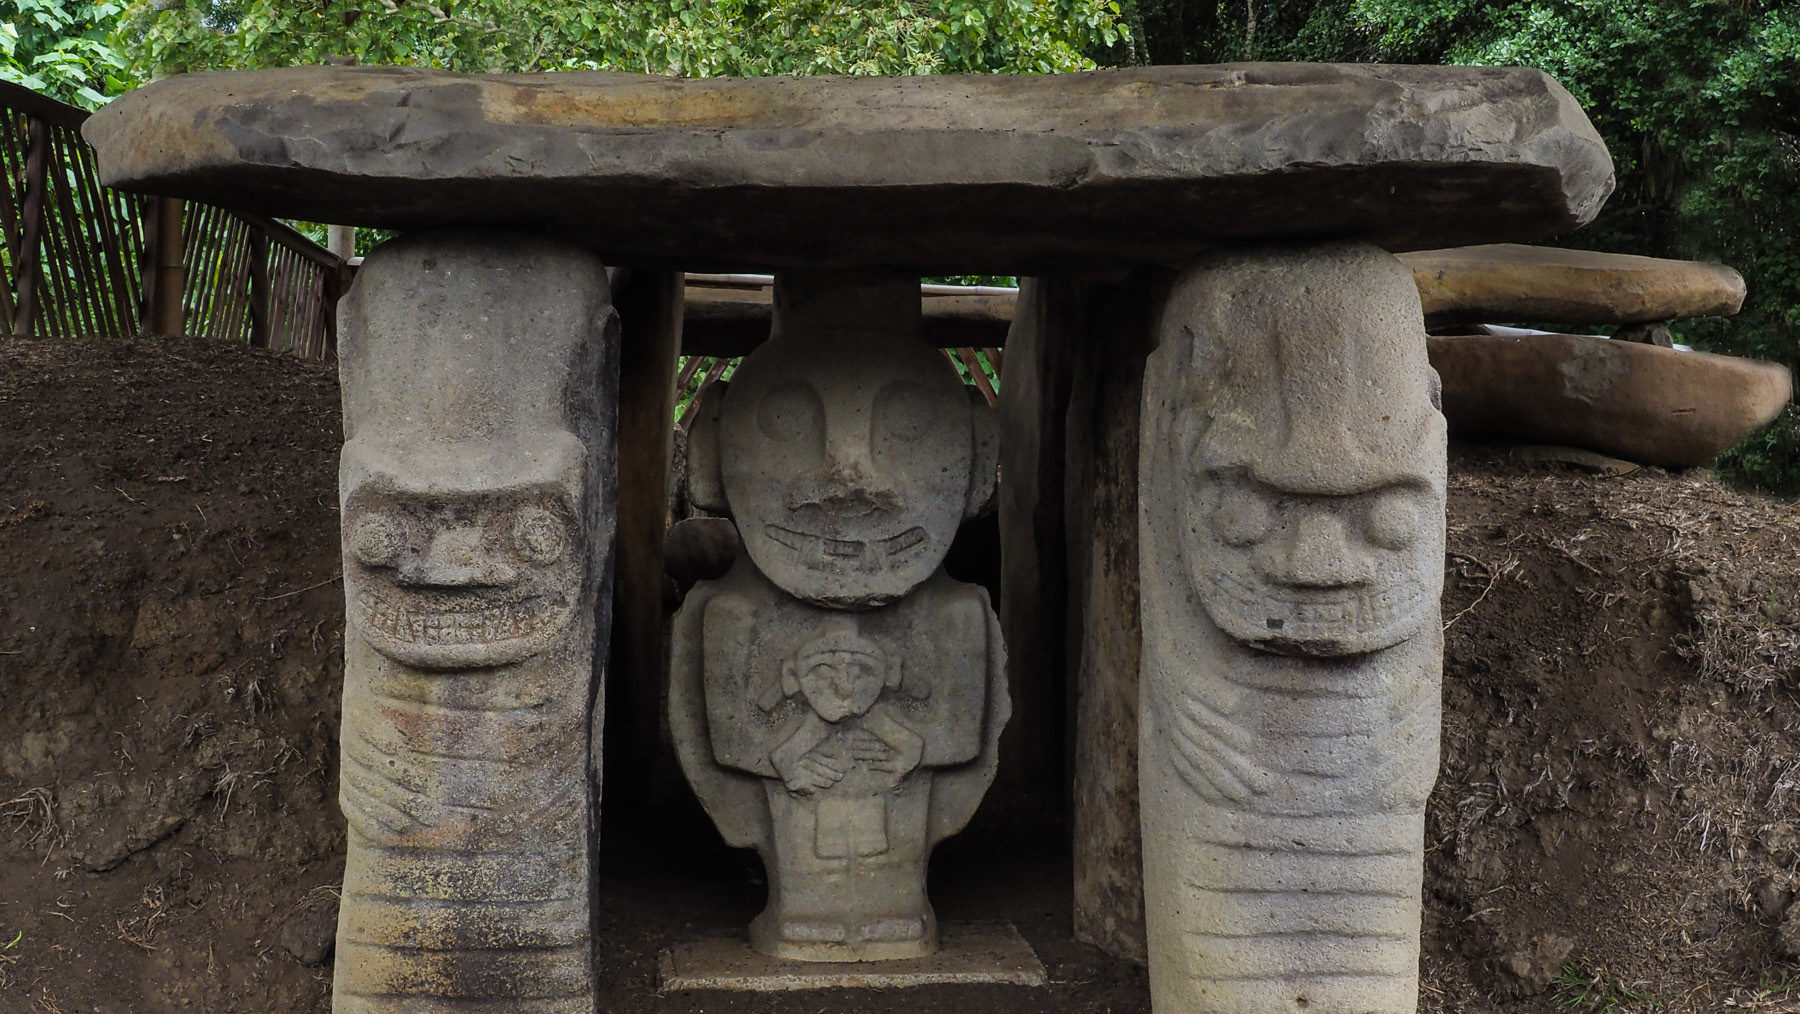 Die Gräber und Steinfiguren in San Augustin – diese hier schauen ganz fröhlich